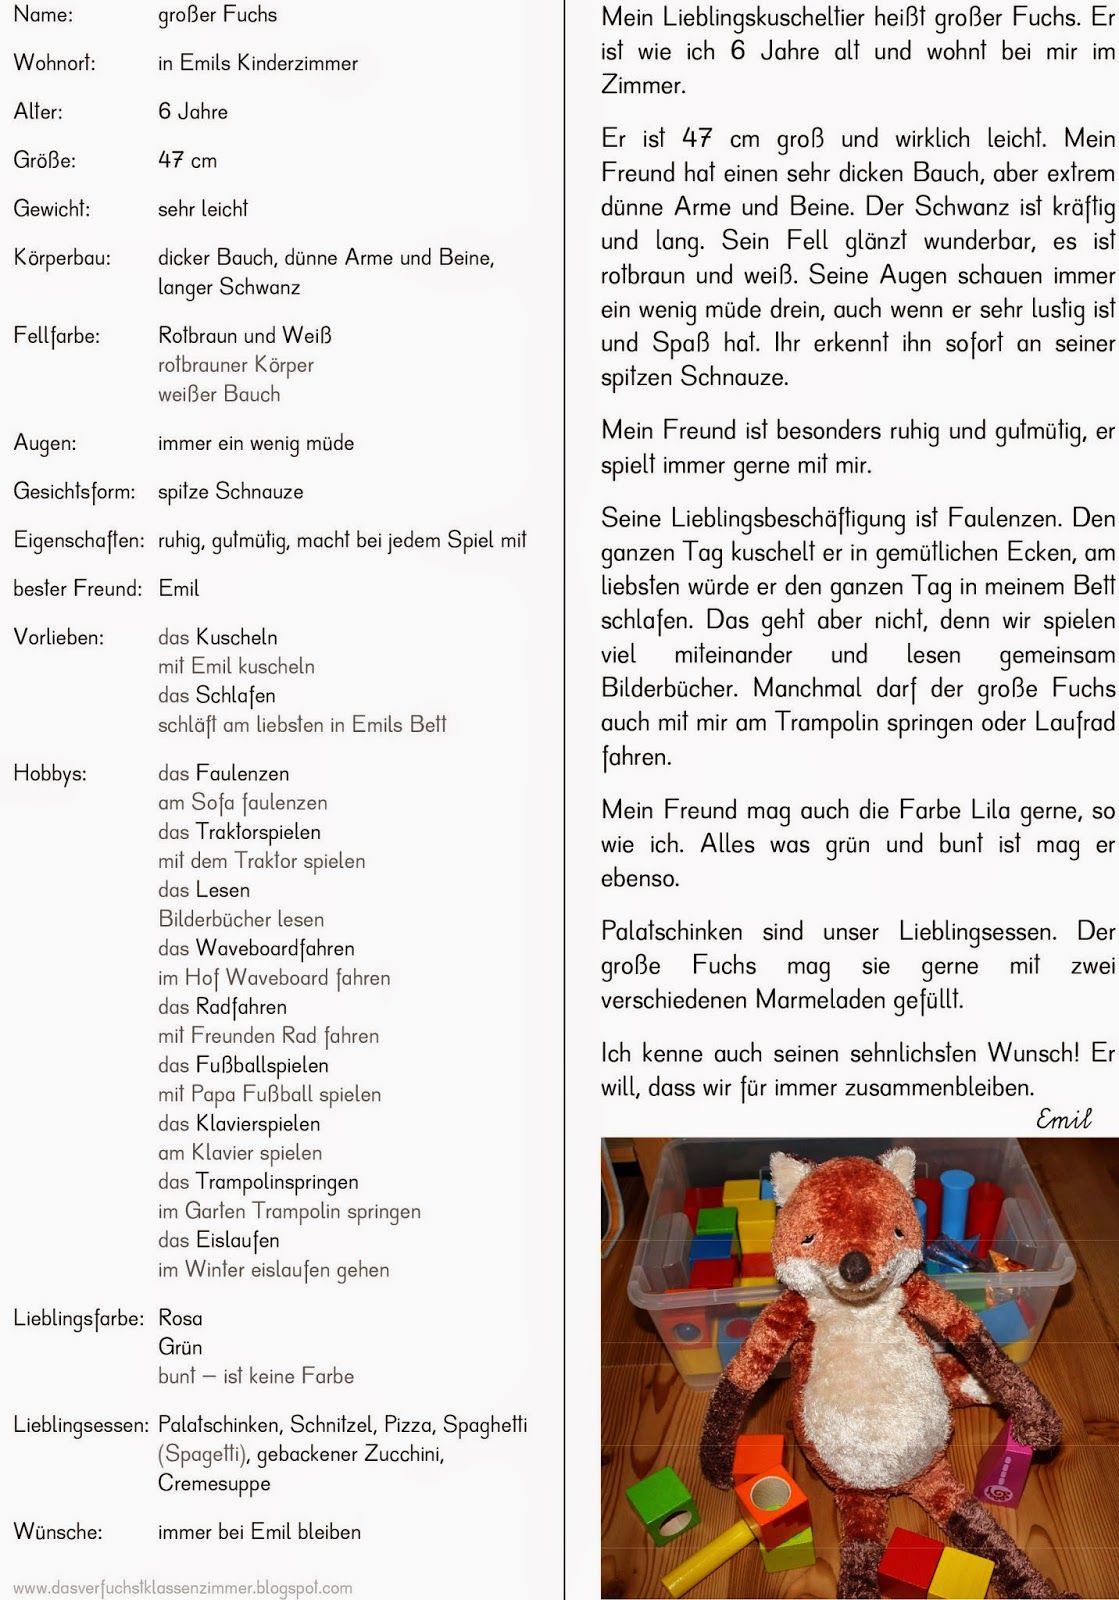 Steckbrief Personenbeschreibung Personenbeschreibung Personenbeschreibung Grundschule Personenbeschreibung Aufsatz